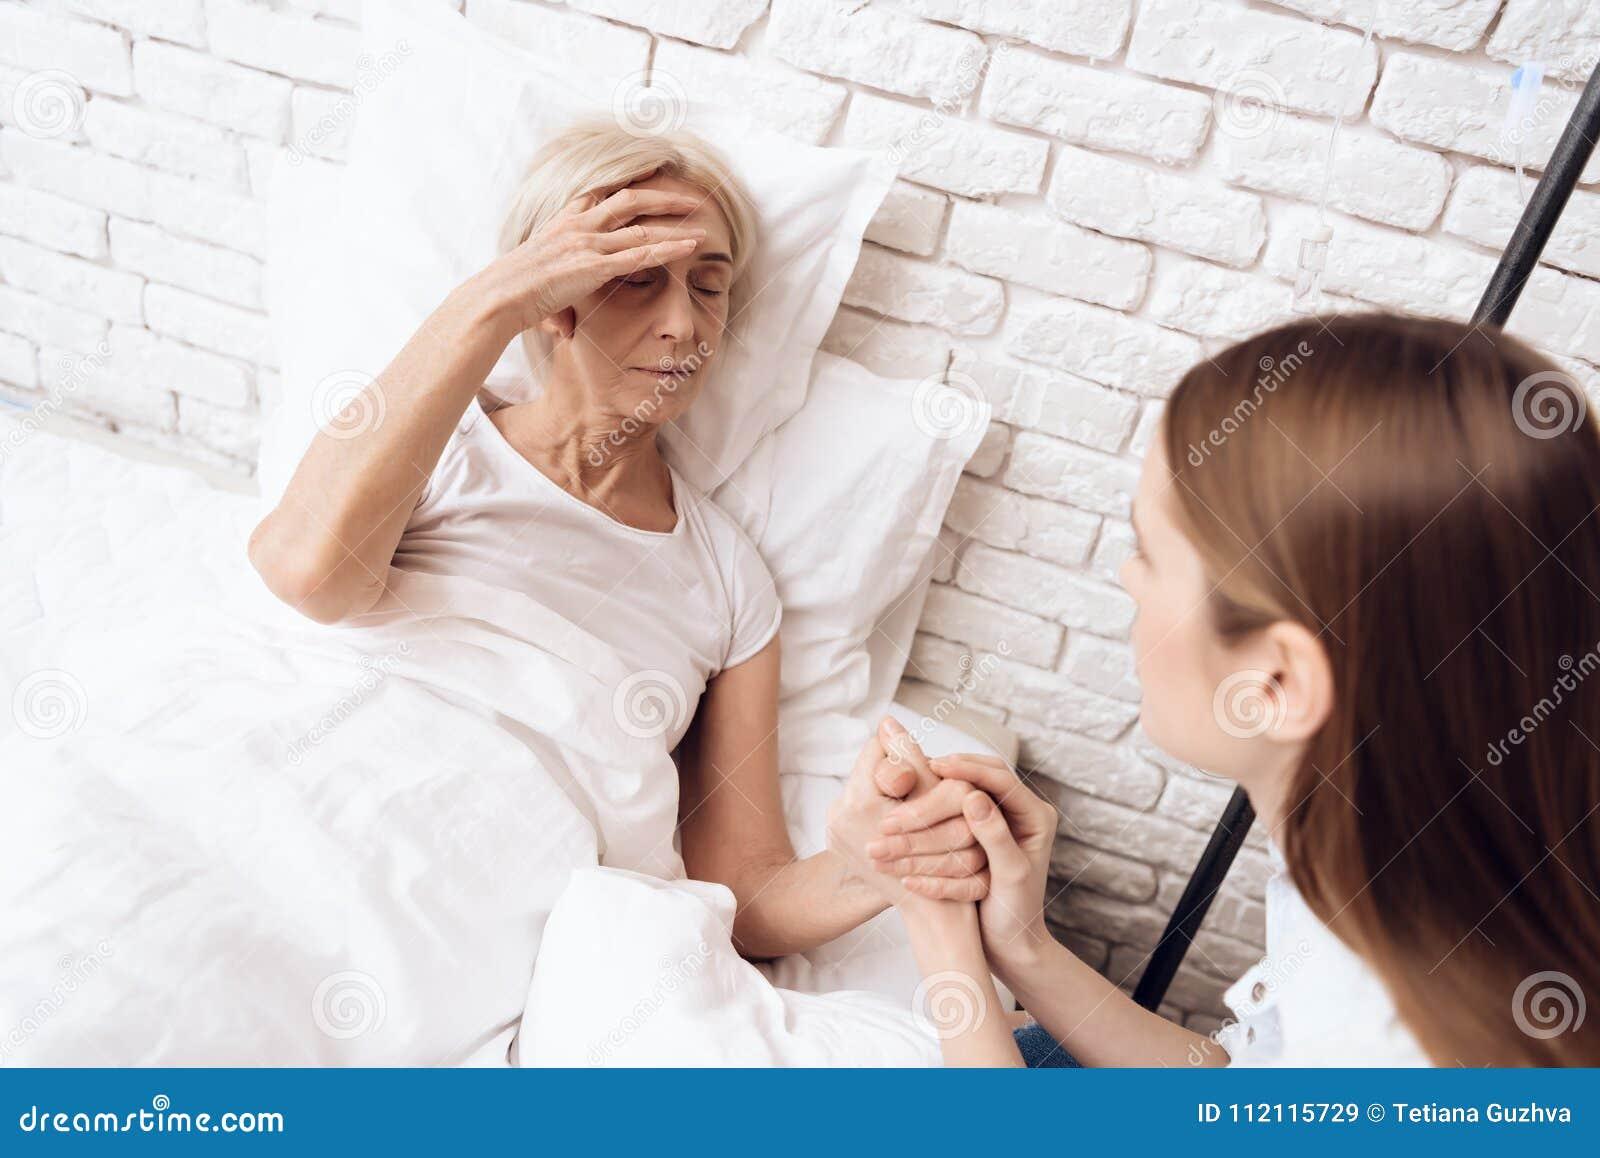 La fille soigne la femme agée à la maison Elles tiennent des mains La femme se sent mal